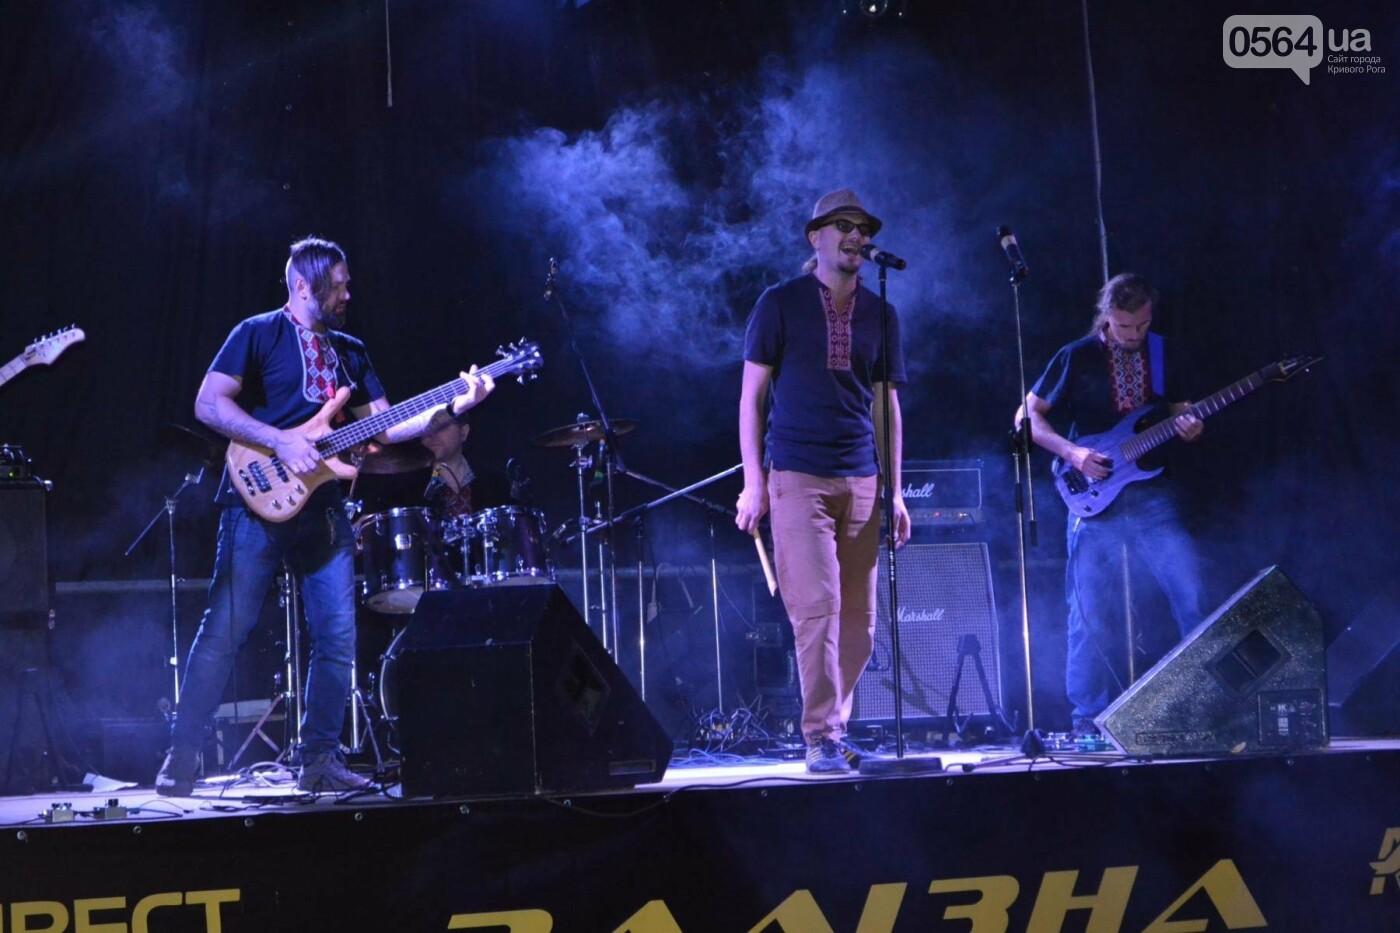 Подведение итогов, награждение победителей и выступление рок-групп, - чем завершился криворожский веломарафон, - ФОТО, ВИДЕО, фото-1